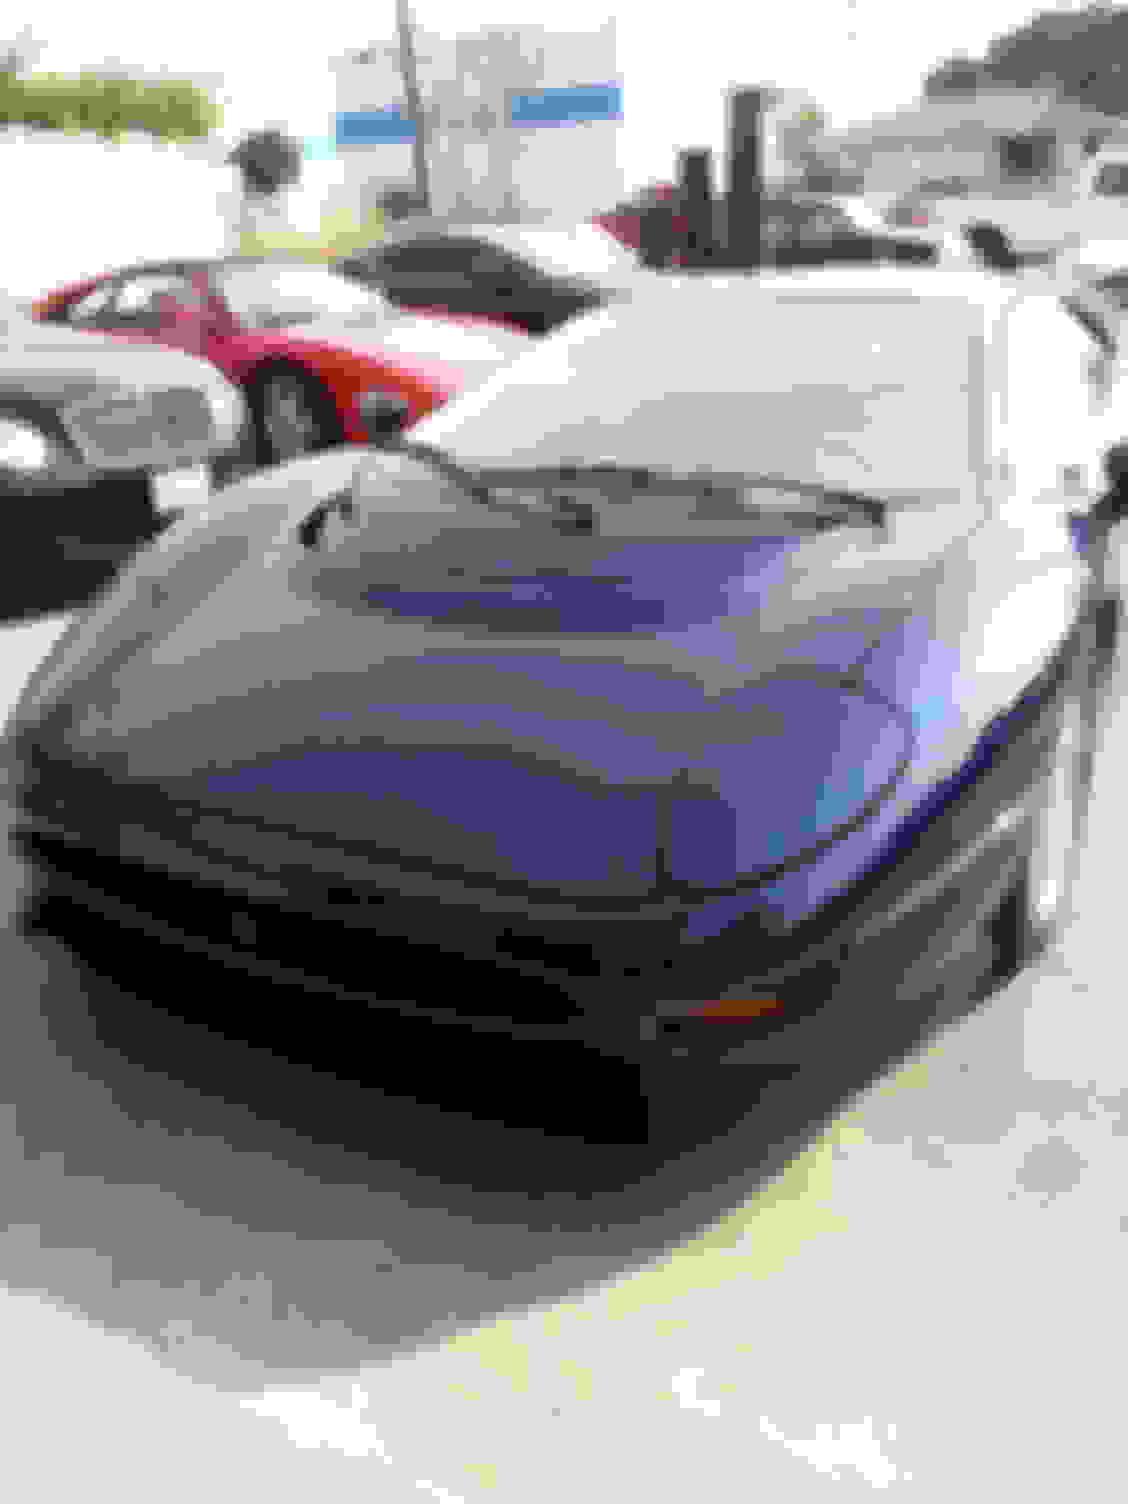 Is this Gearbox Fault Bad? - 6SpeedOnline - Porsche Forum